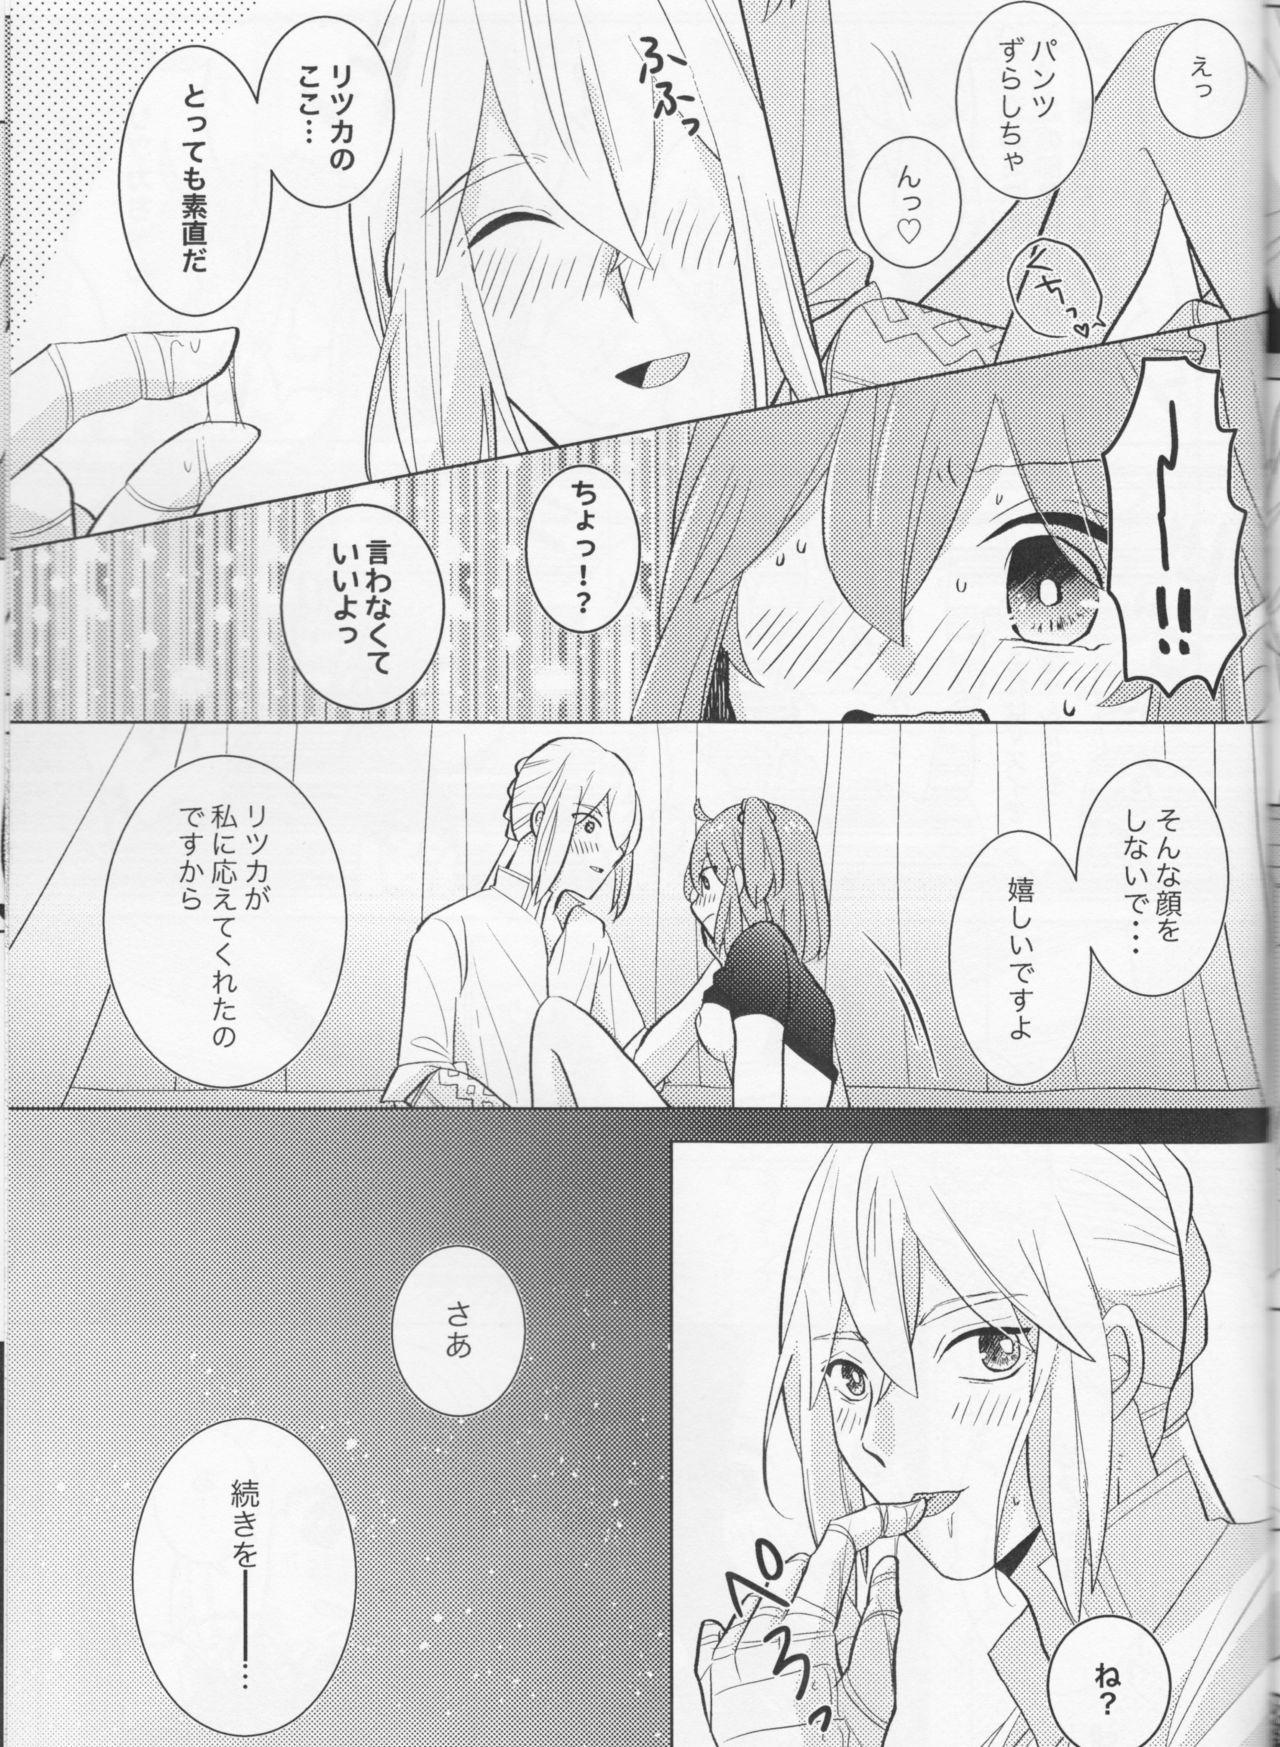 Kirakira Koboreru, Kimi to no Waidan 40